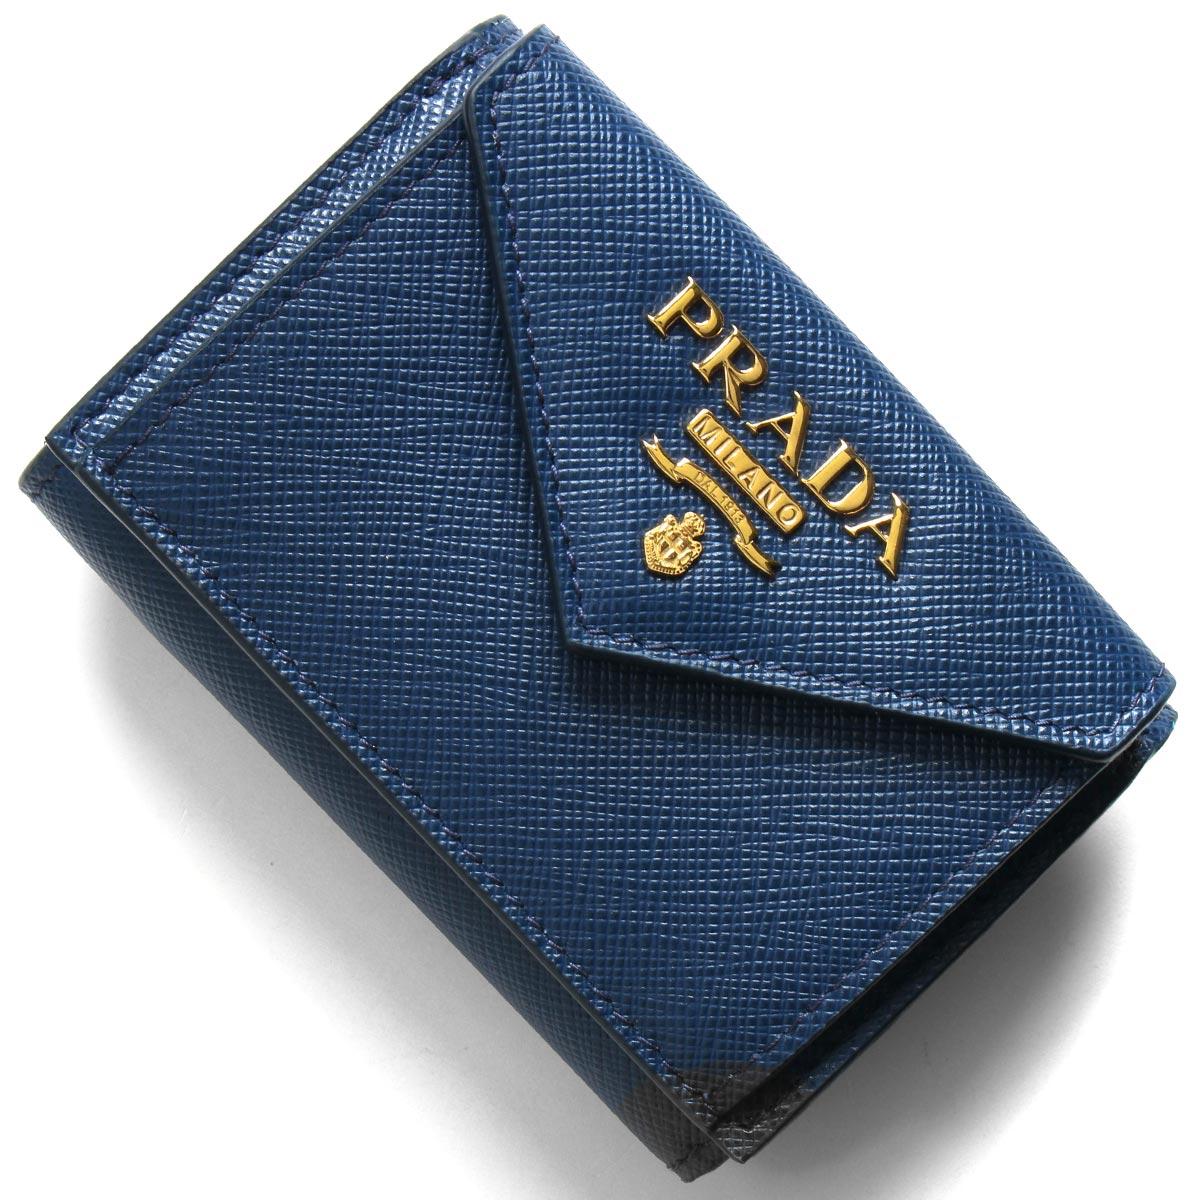 プラダ 三つ折り財布/ミニ財布 財布 レディース サフィアーノ メタル ブリエッタブルー 1MH021 QWA F0016 PRADA